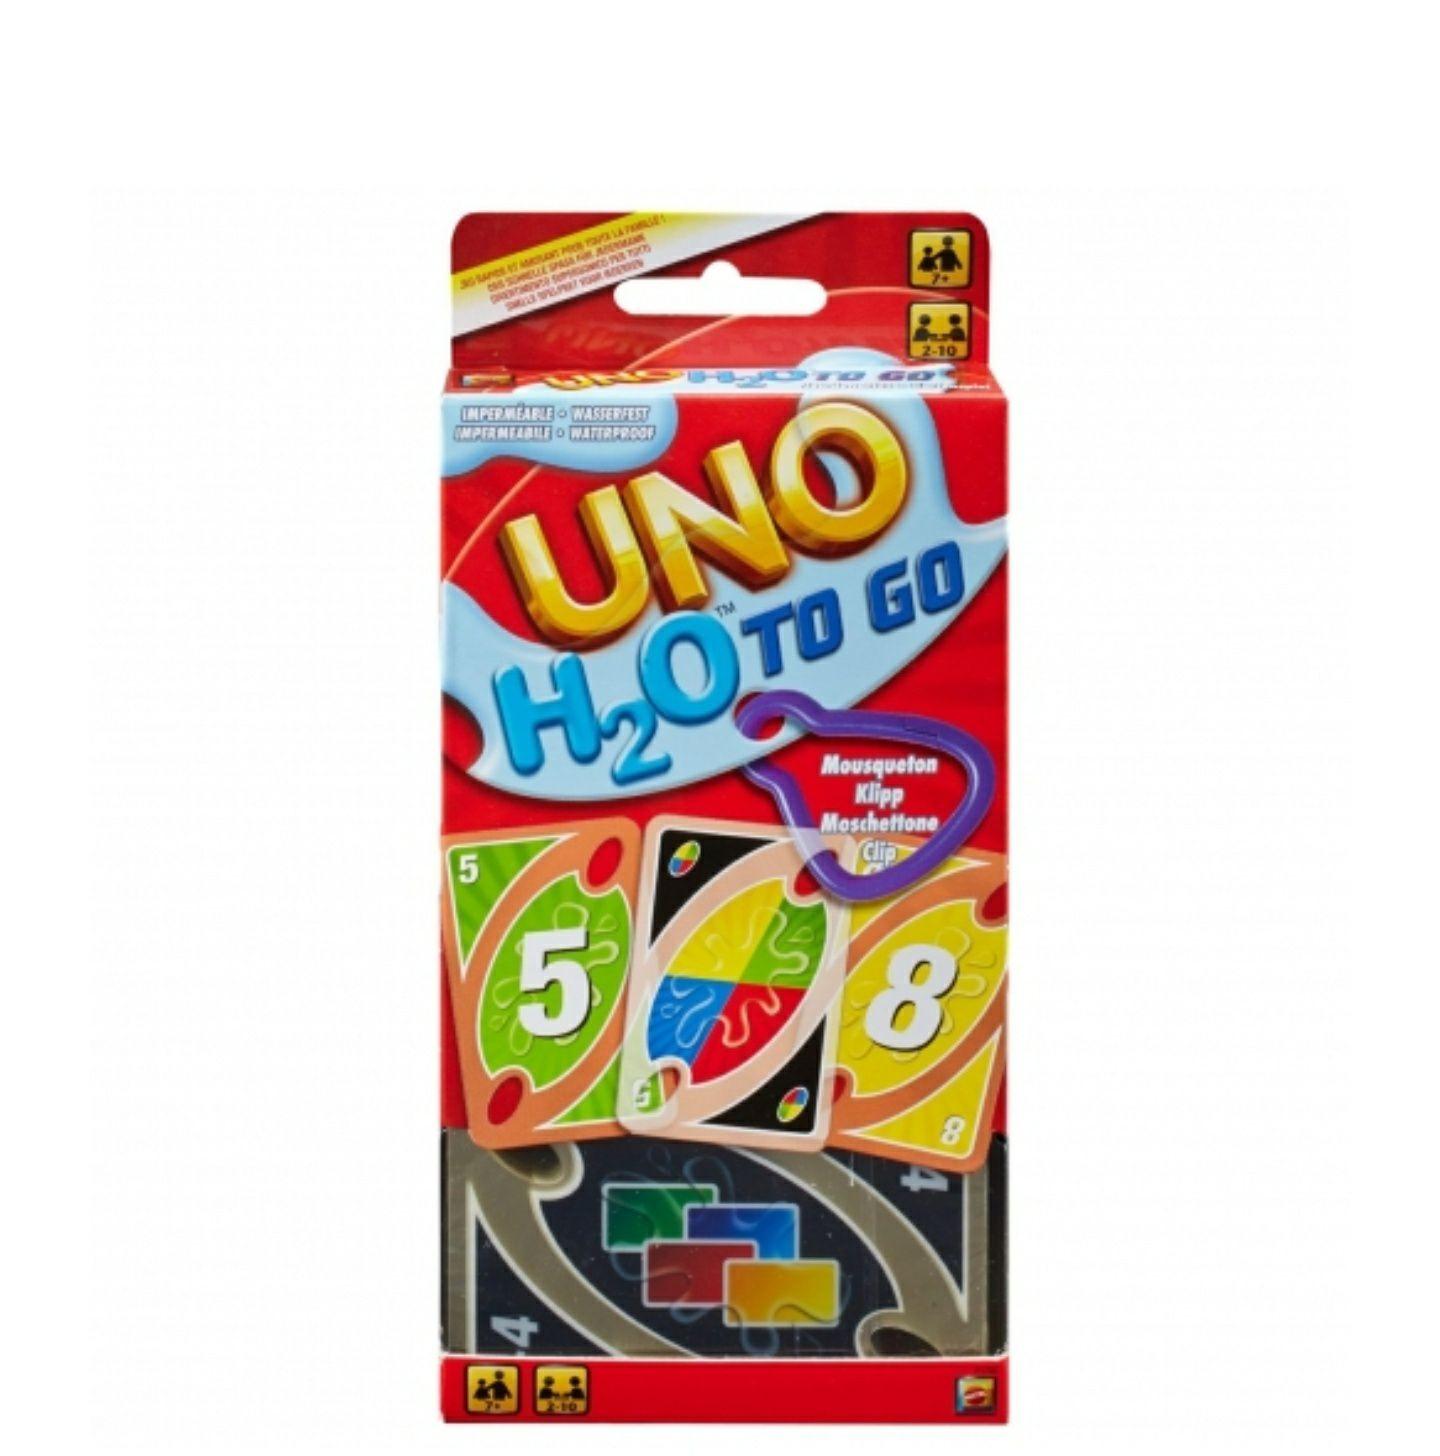 UNO H20 To Go, juego de cartas